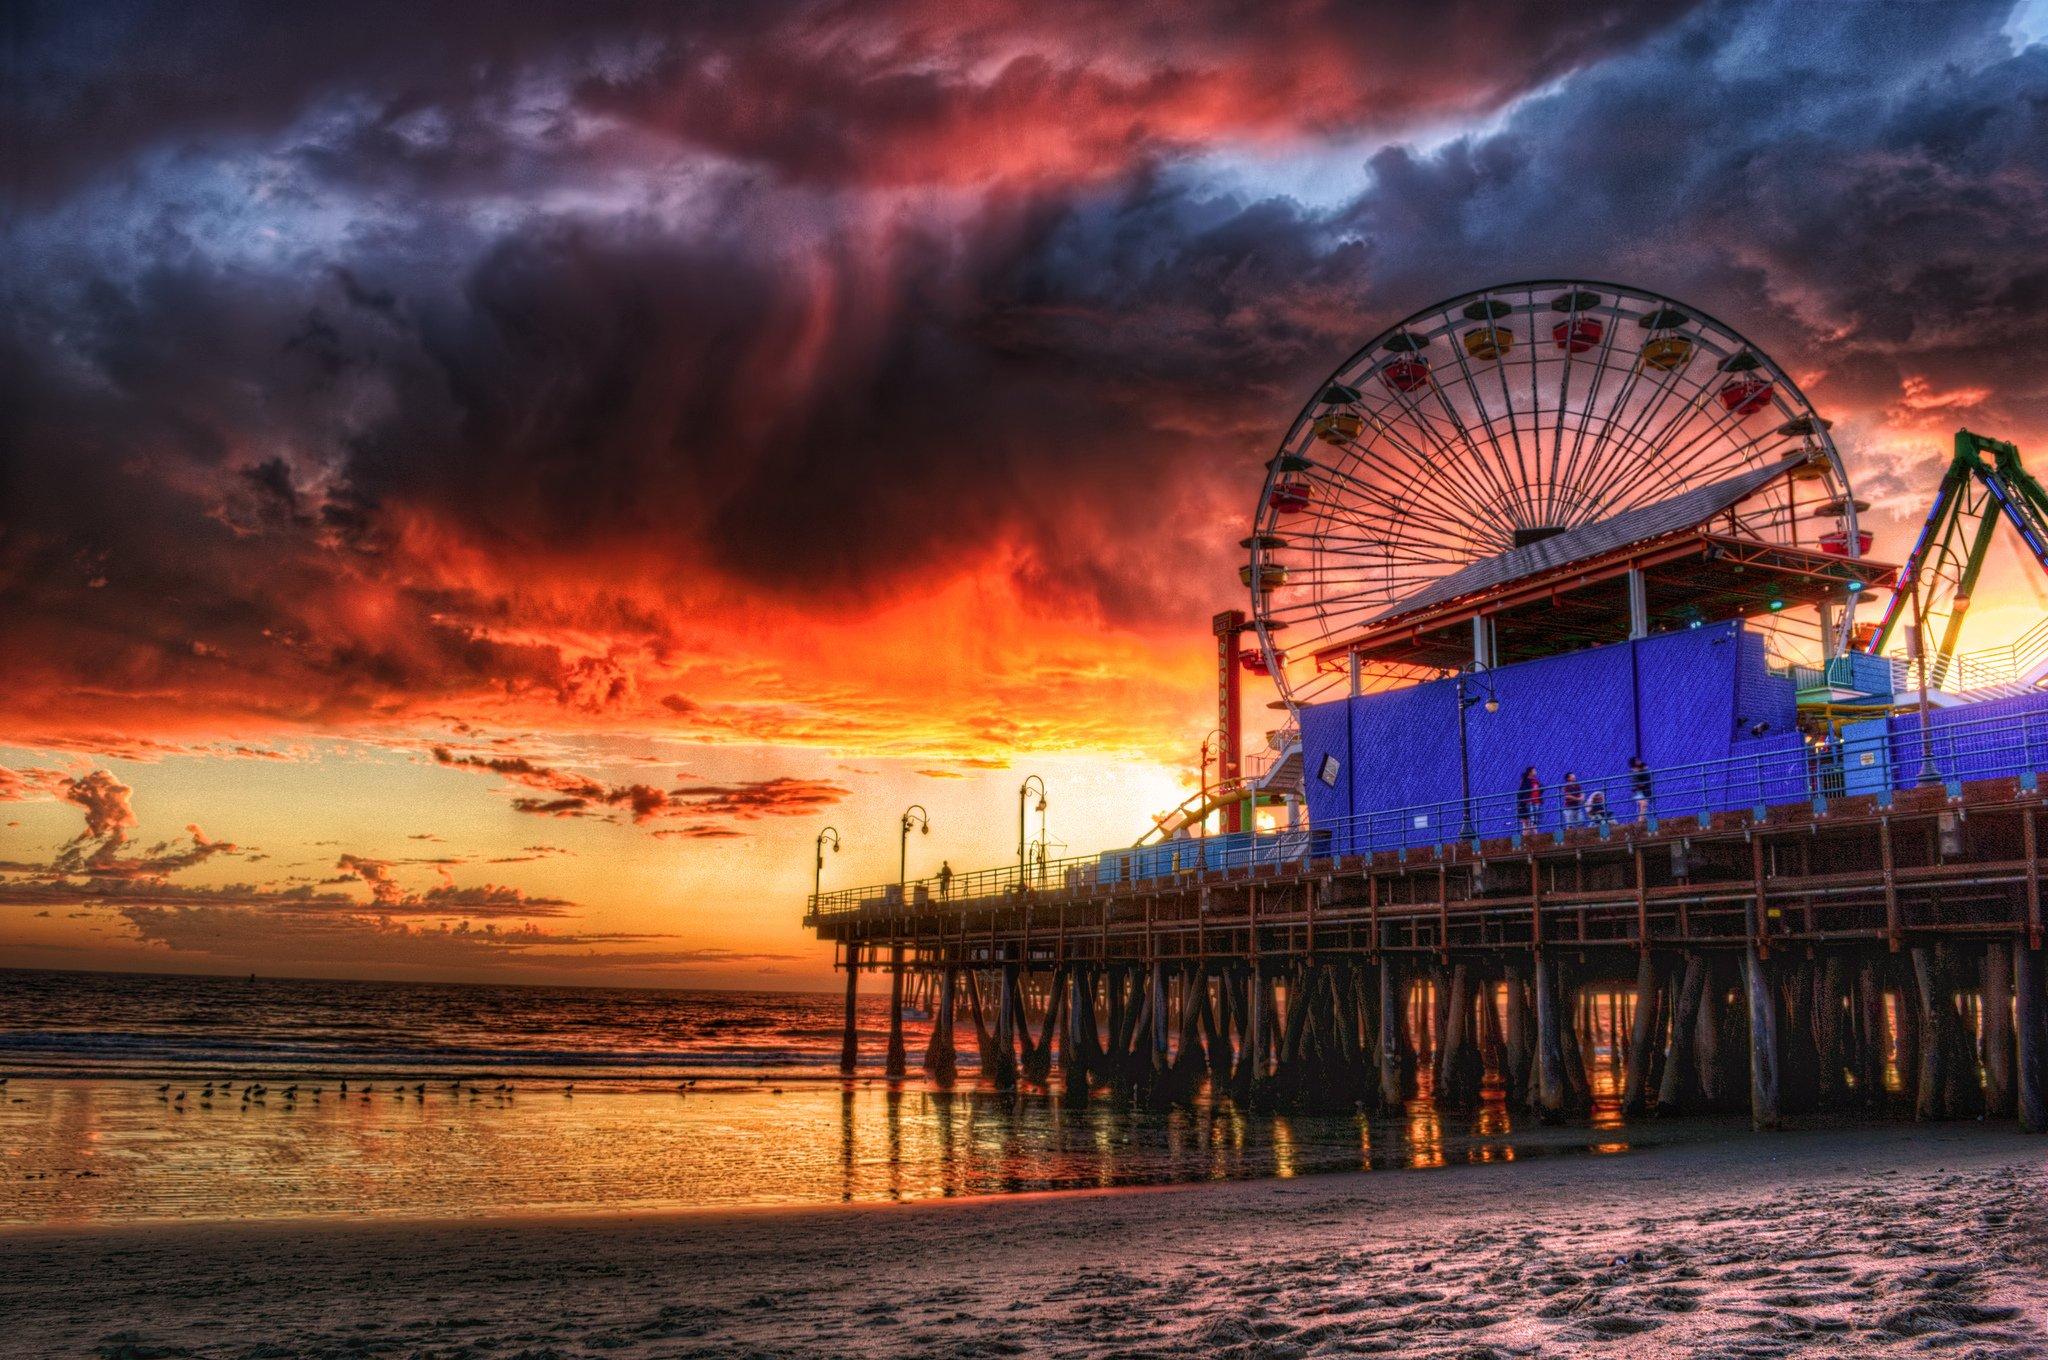 griffith Observatory Oscars Venice beach Newport beach Venice 2048x1360